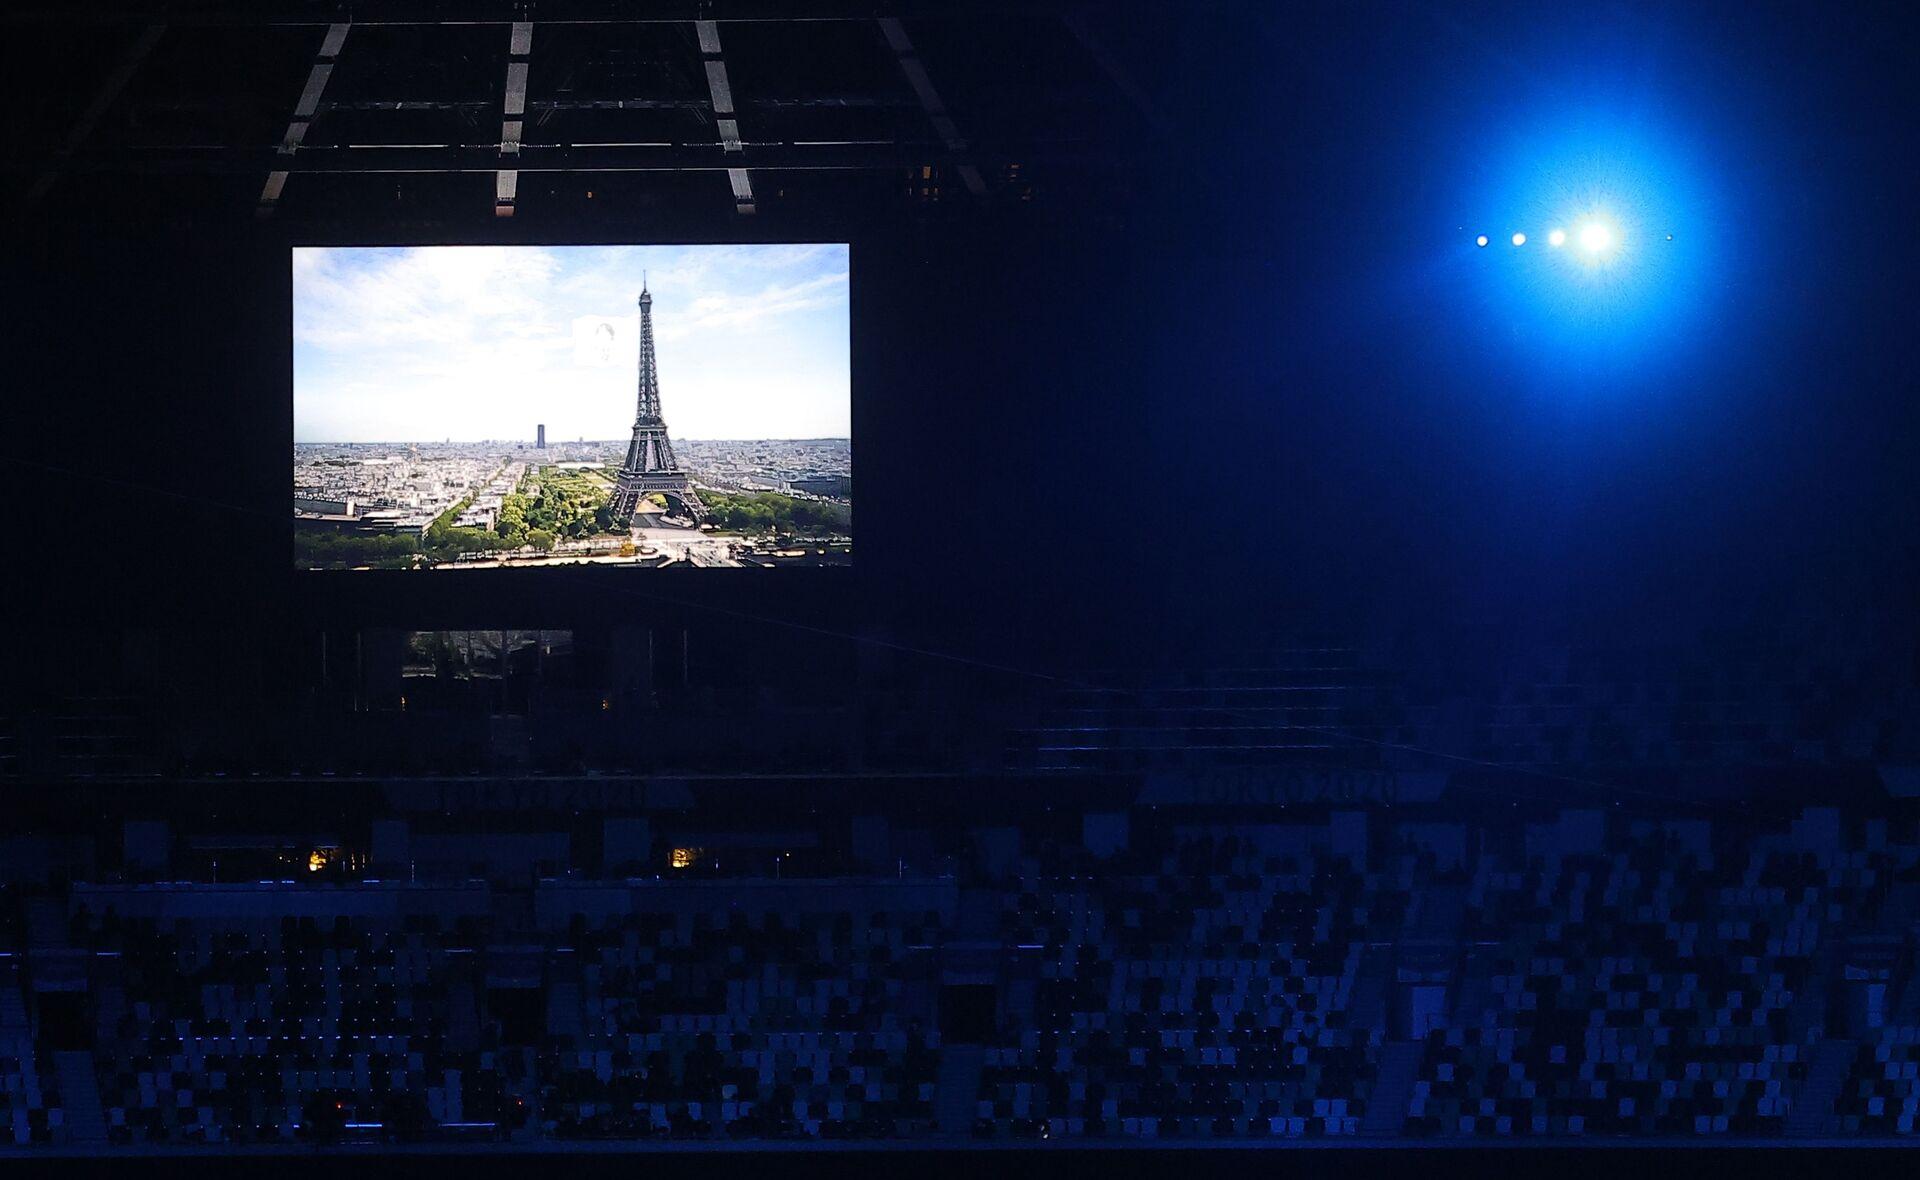 Kapanış töreninde konuşan Uluslararası Olimpiyat Komitesi Başkanı (IOC) Thomas Bach, olimpiyatların koronavirüse rağmen başarılı geçtiğini söyledi. Tokyo Valisi Yuriko Koike olimpiyat bayrağını Bach'e verdi. Bach ise bayrağı 2024 Olimpiyat Oyunları'na ev sahipliği yapacak Fransa'nın başkenti Paris'in belediye başkanı Anne Hidalgo'ya devretti. Devir töreninden sonra Fransa'nın milli marşı çalındı ve Paris'in tanıtımı stadın ekranlarına yansıtıldı. - Sputnik Türkiye, 1920, 10.08.2021